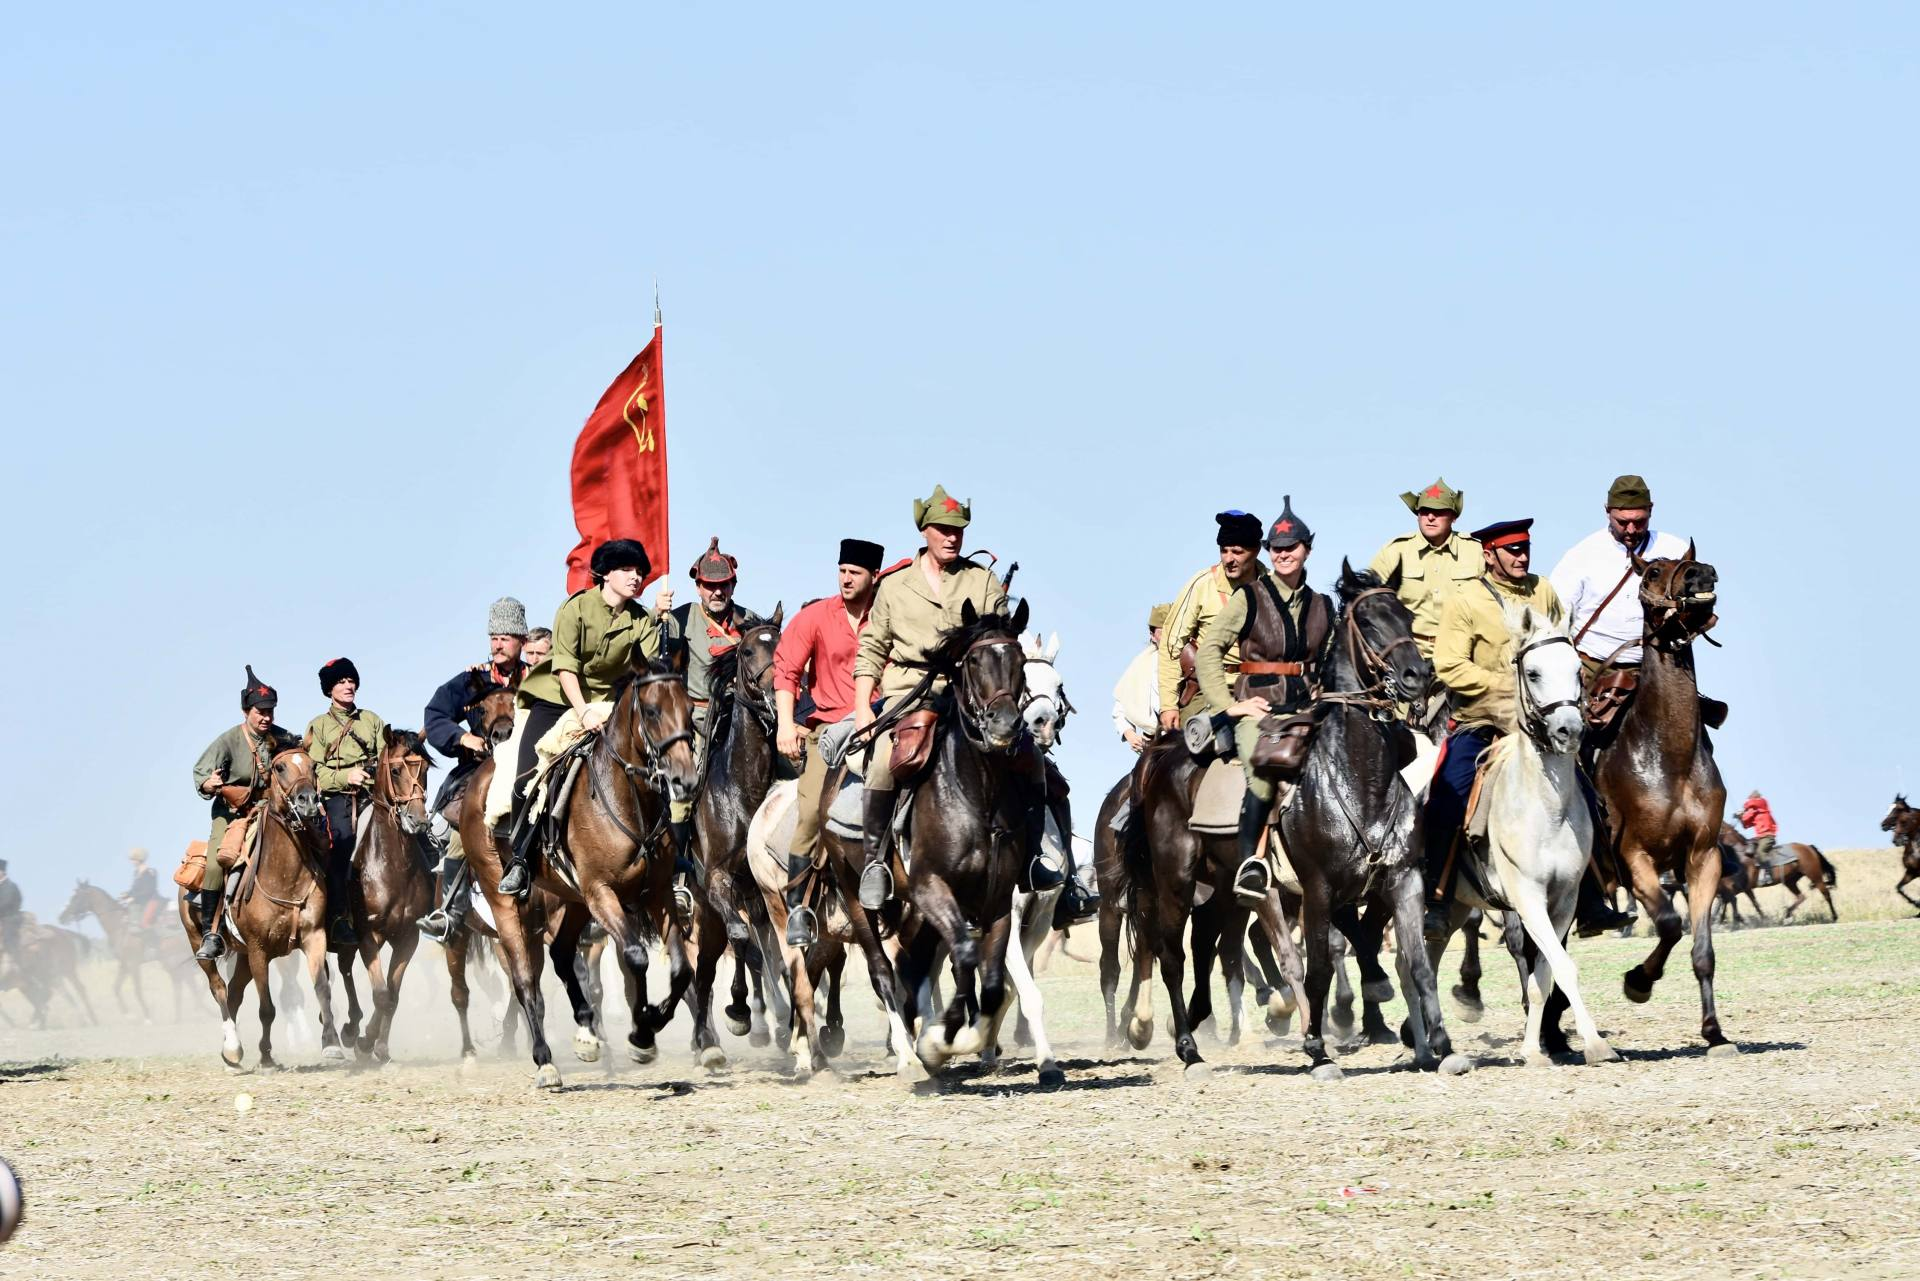 dsc 1023 Czas szabli - 100 rocznica bitwy pod Komarowem(zdjęcia)